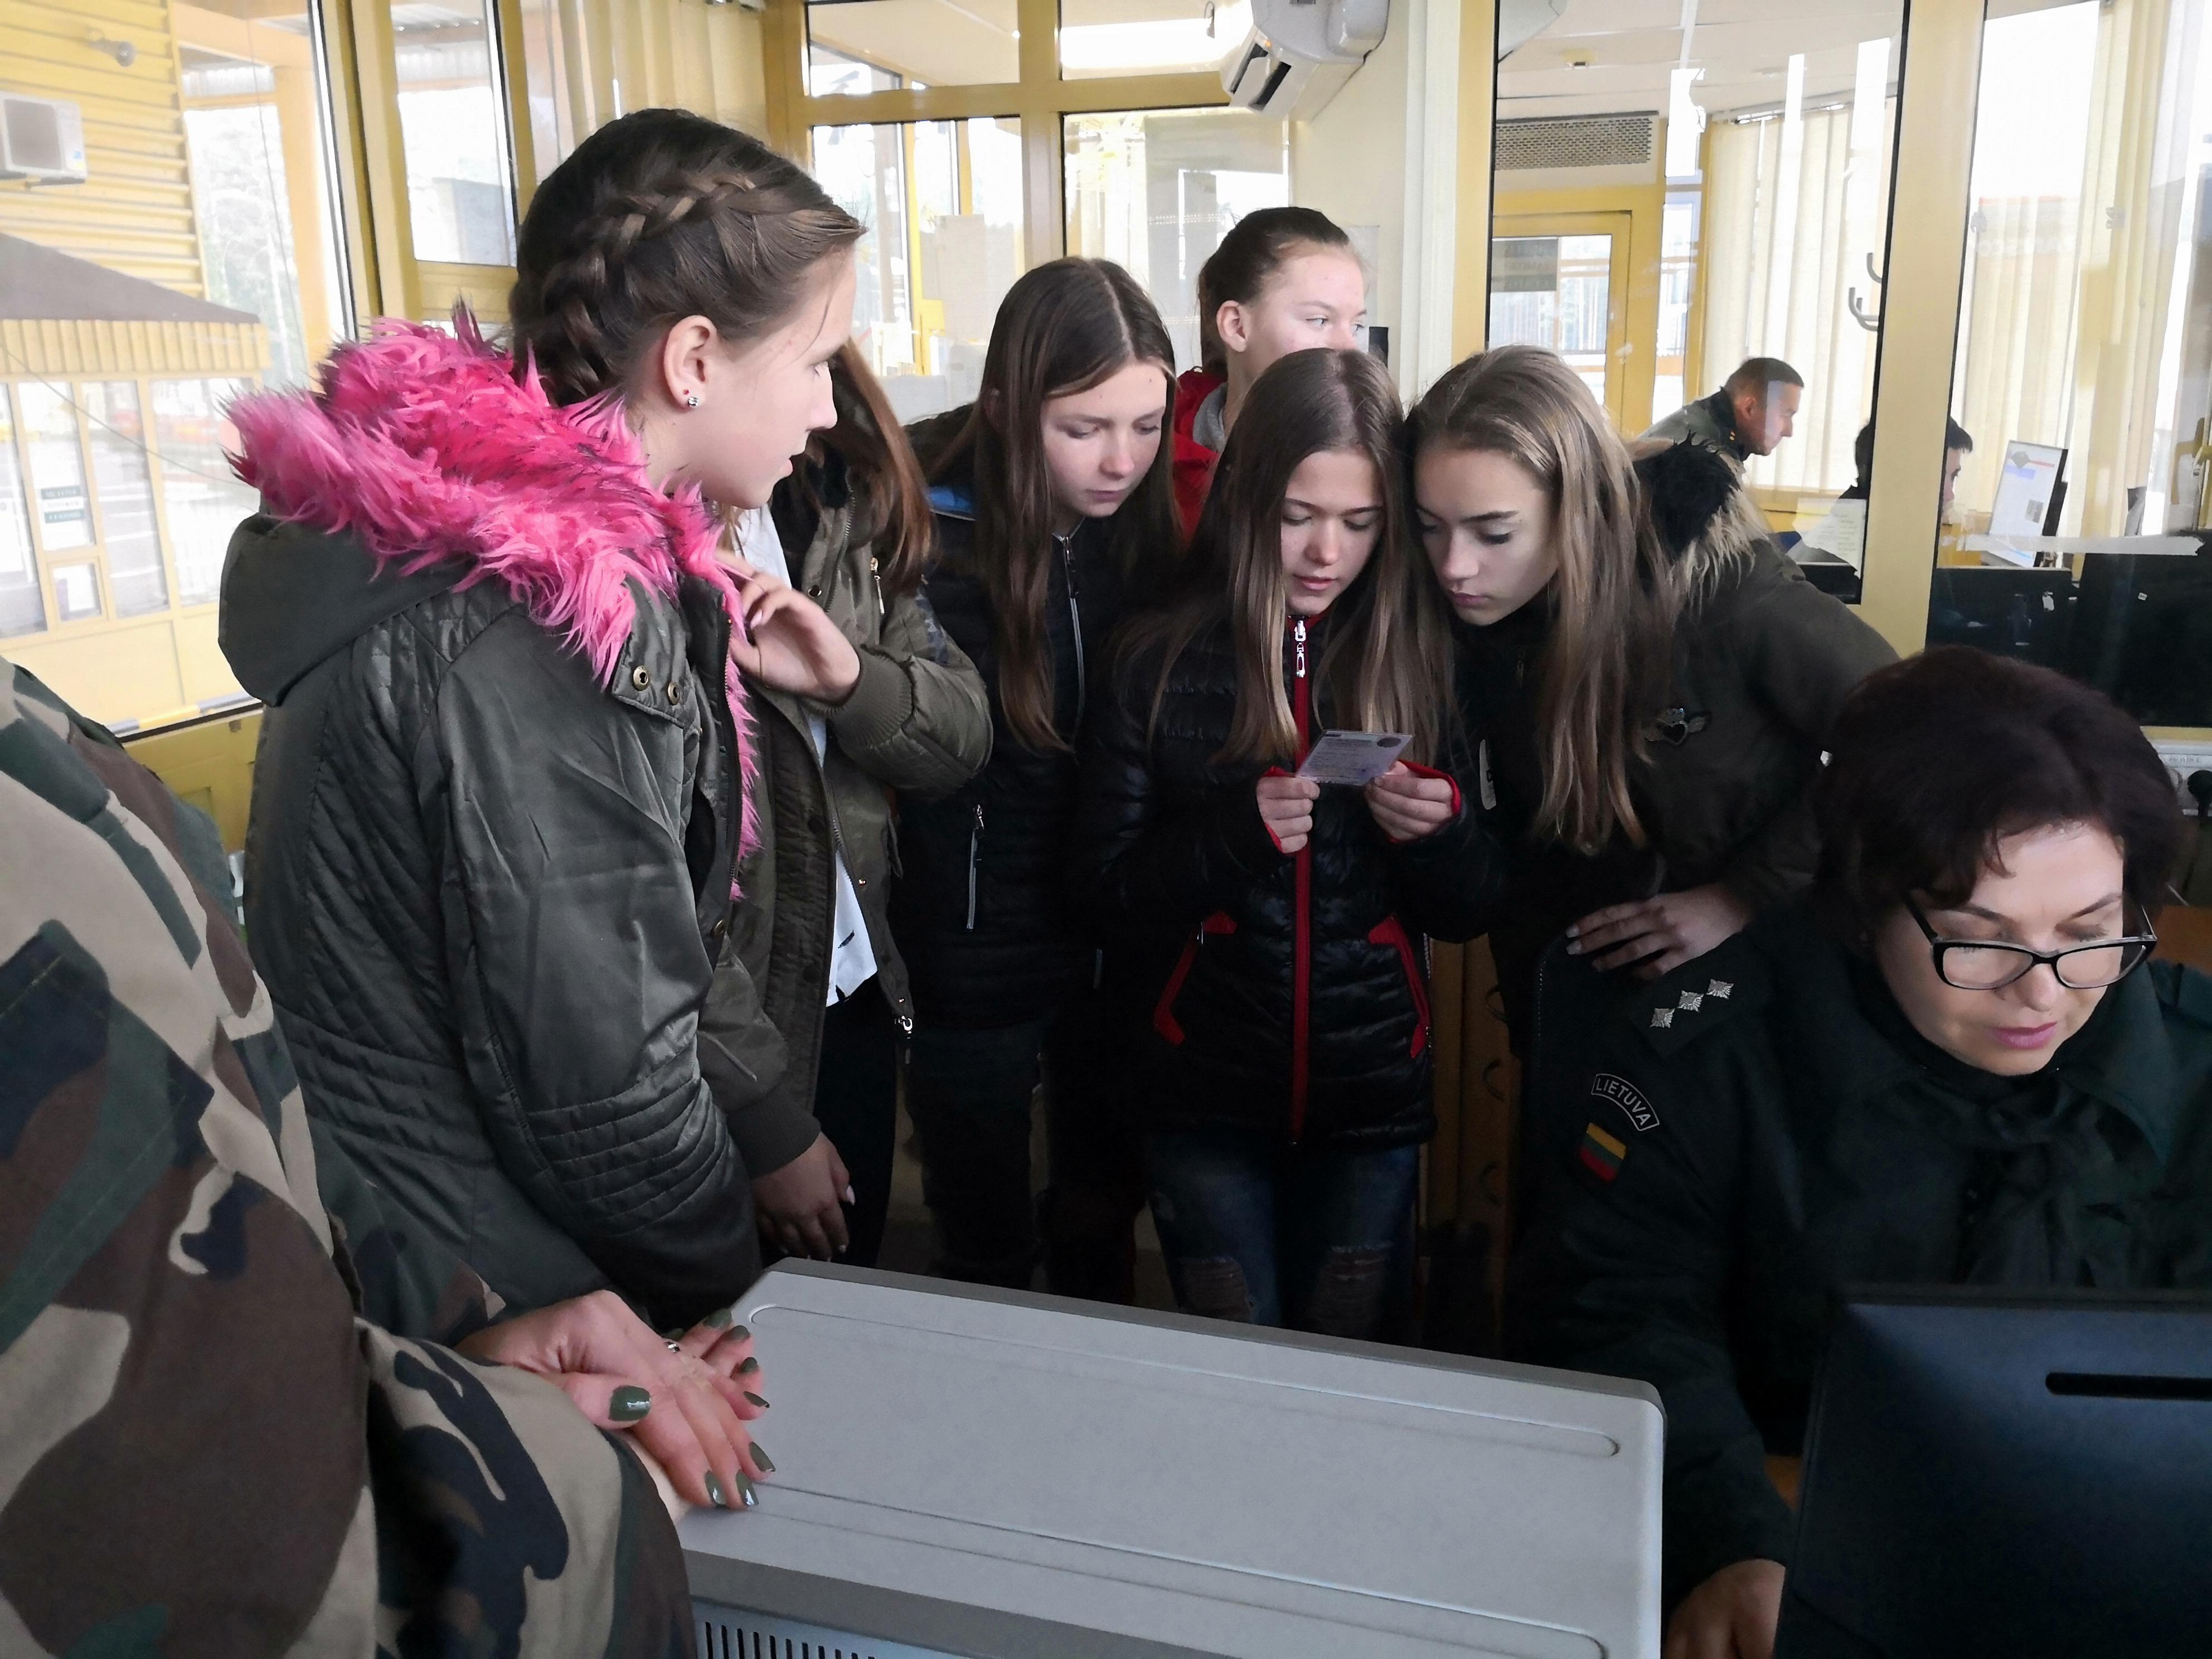 Lavoriškių užkardos JPB narius domino pasieniečių veikla